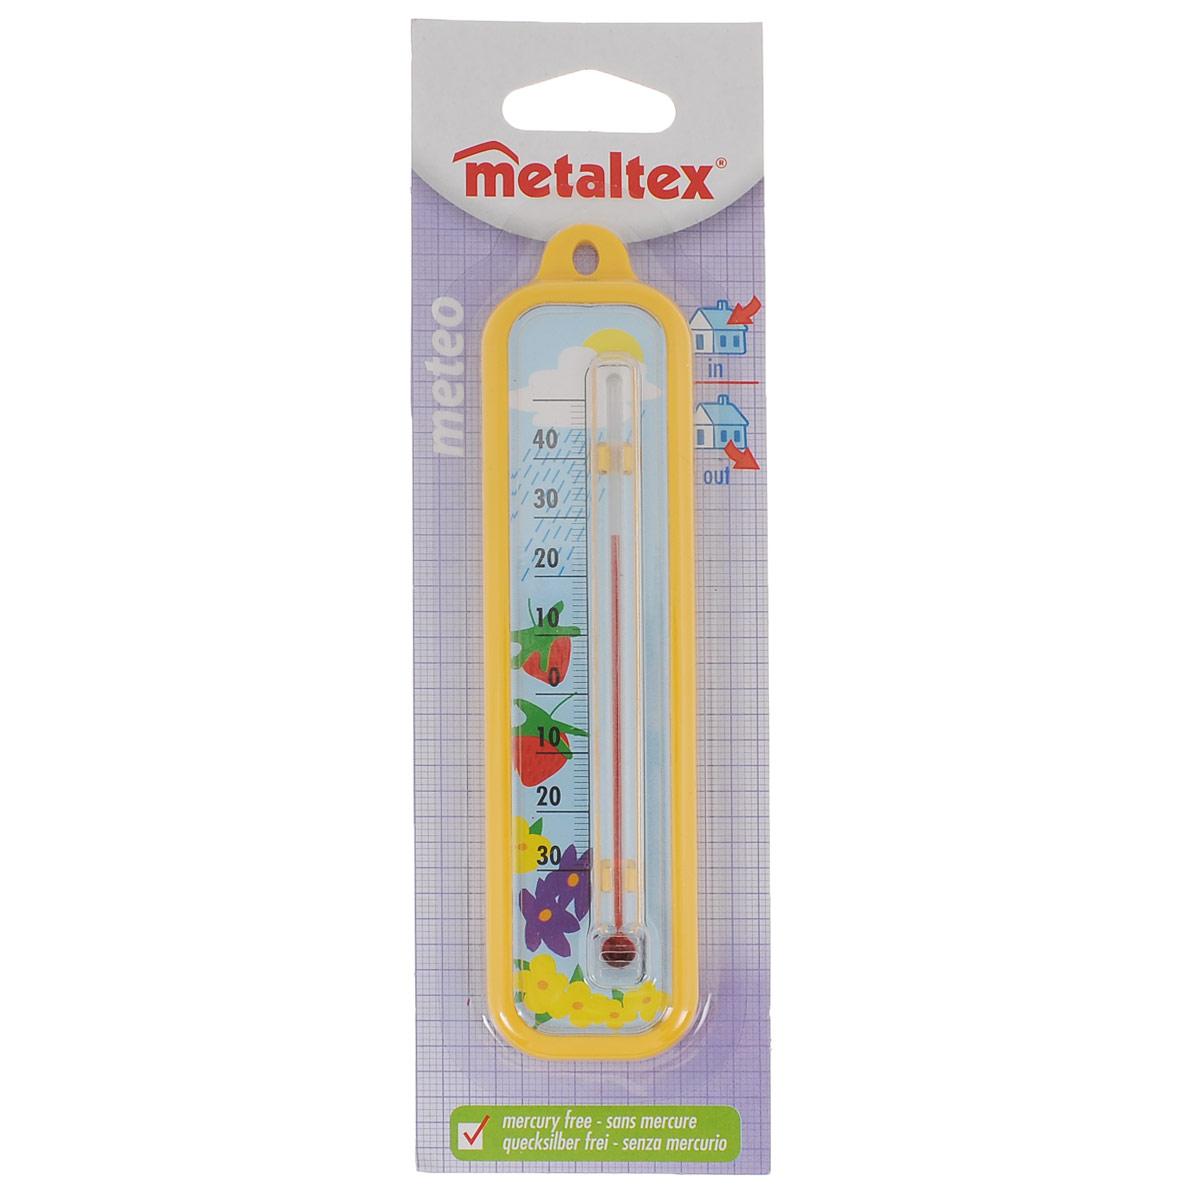 Термометр Metaltex Meteo, цвет: желтый29.80.03Термометр Metaltex Meteo выполнен из пластика и оснащен шкалой с крупными цифрами. Он предназначен для измерения температуры воздуха в помещении.Экологически безопасный термометр - не содержит ртуть.